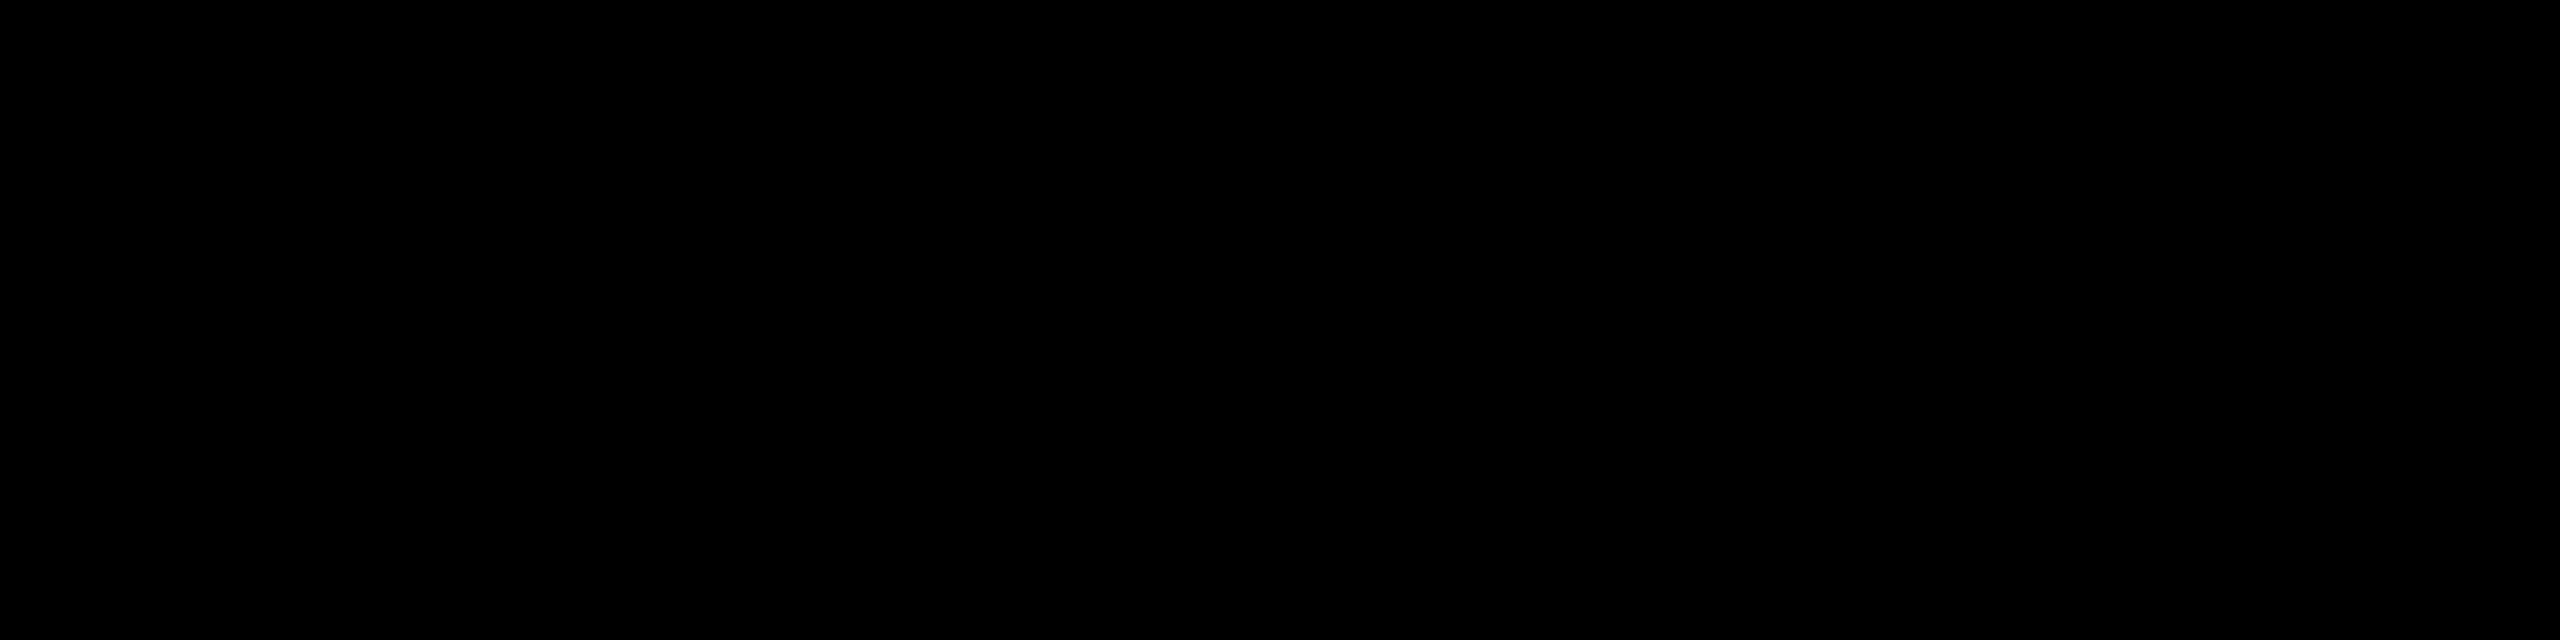 Blafrokan